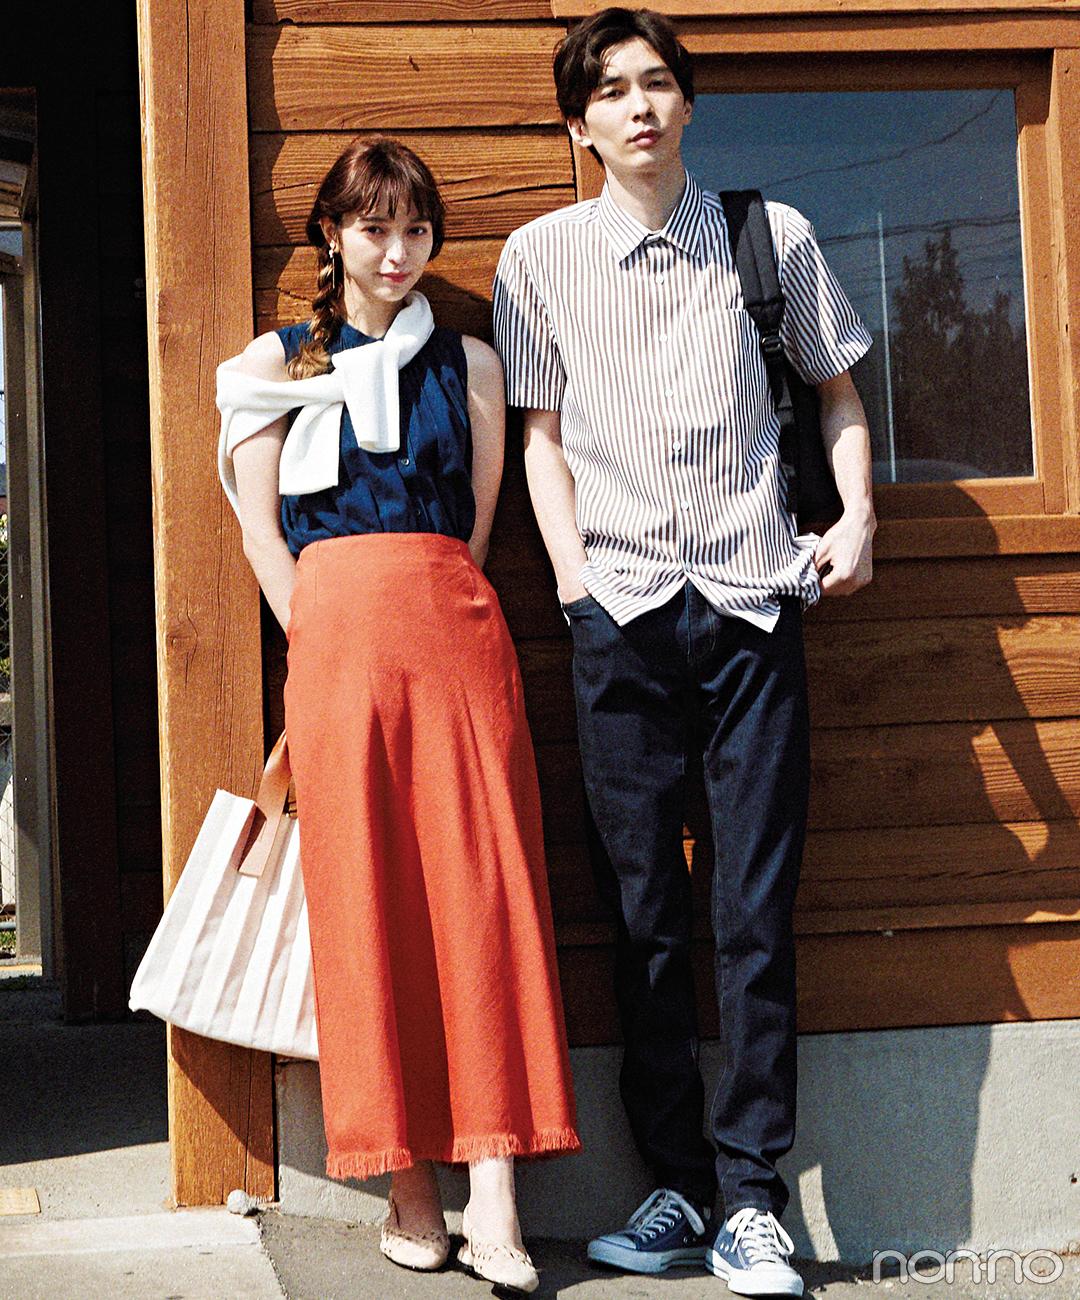 彼も惚れ直す♡ きれい色スカートでデートコーデが完成!【毎日コーデ】